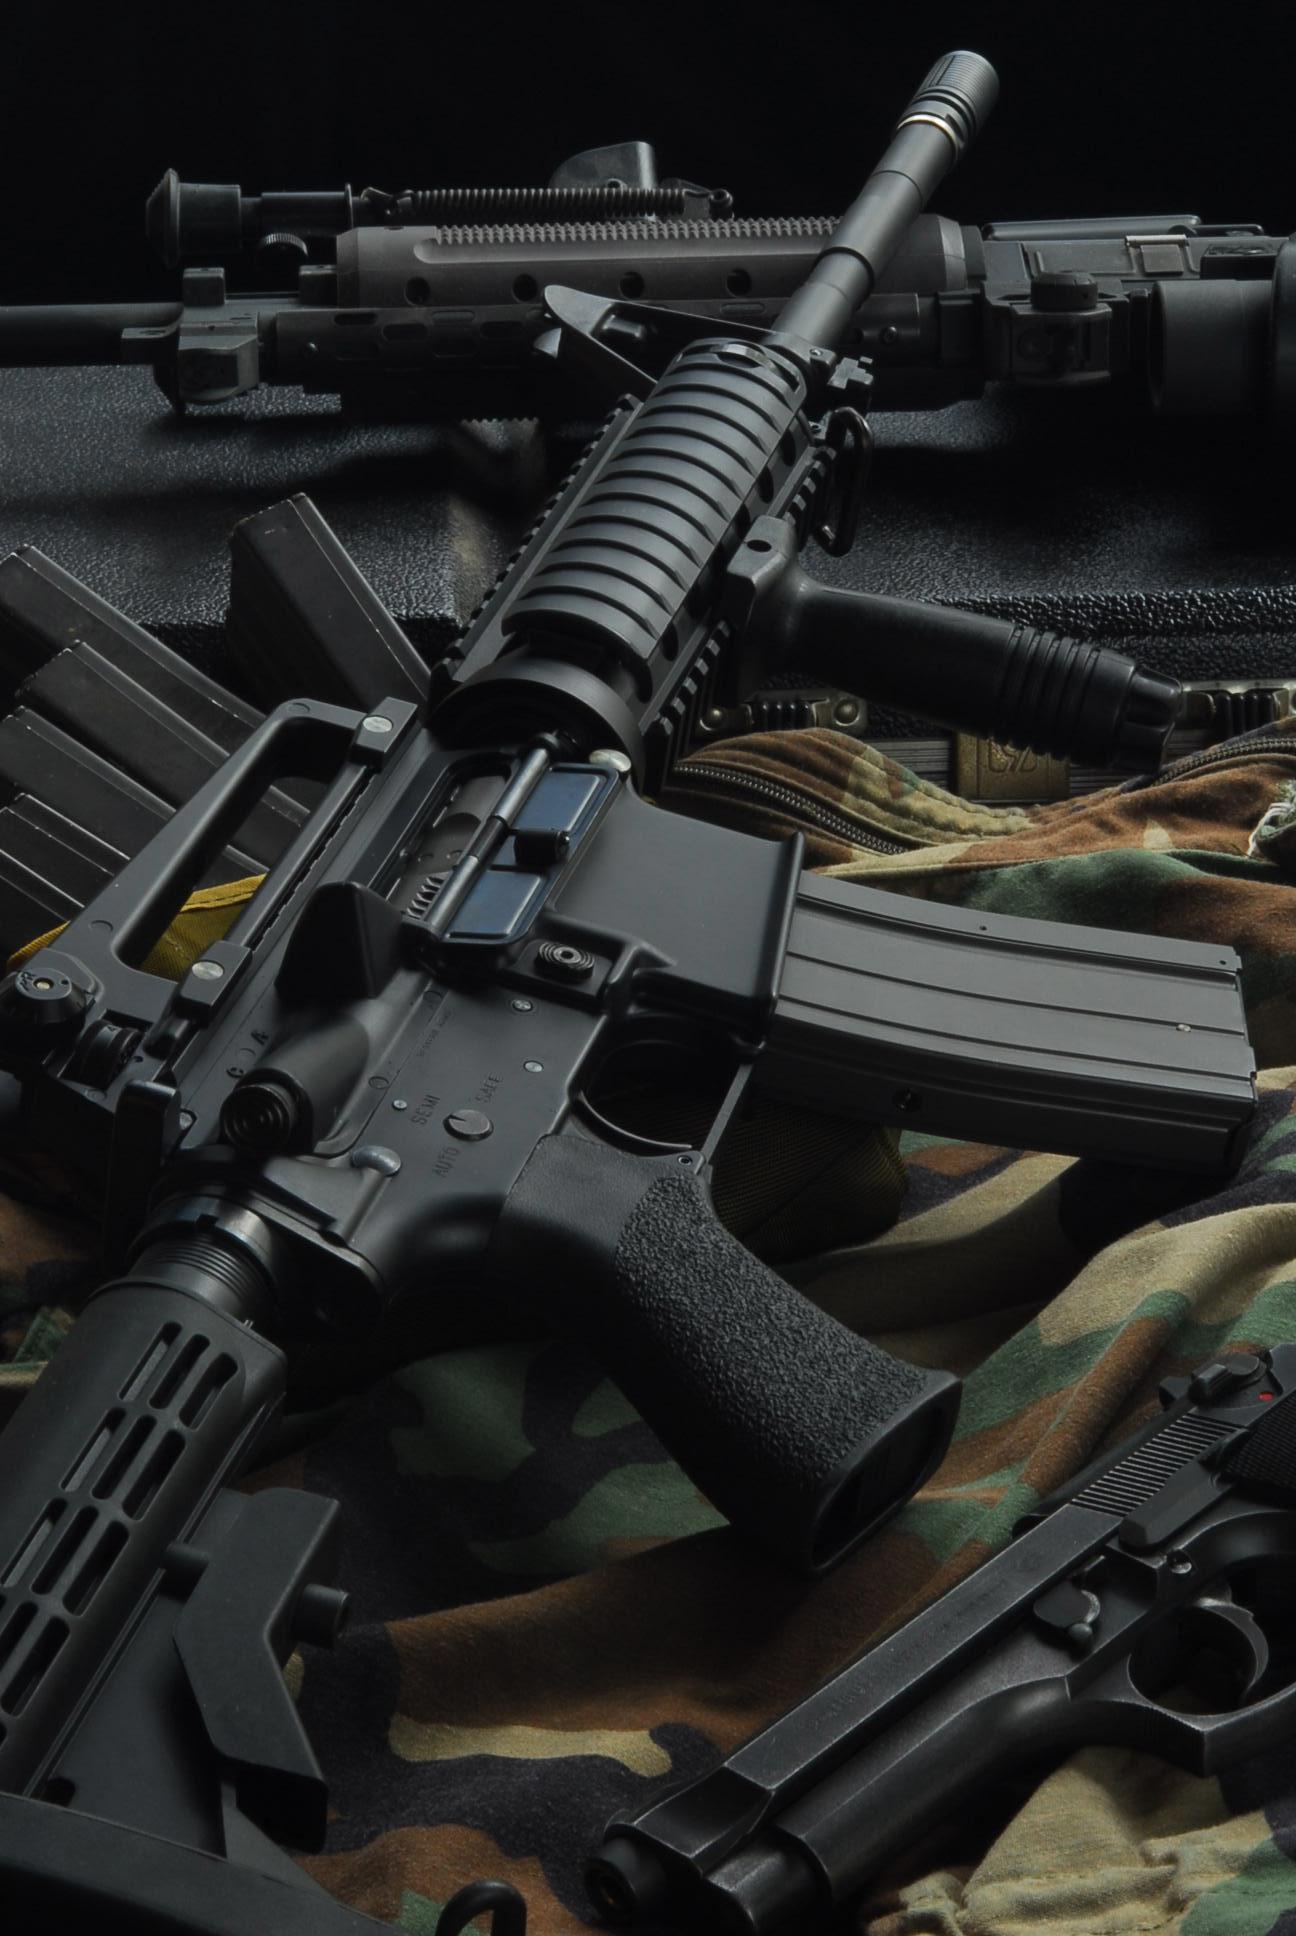 WA・M4A1・16インチバレル 【海兵隊試作モデル】